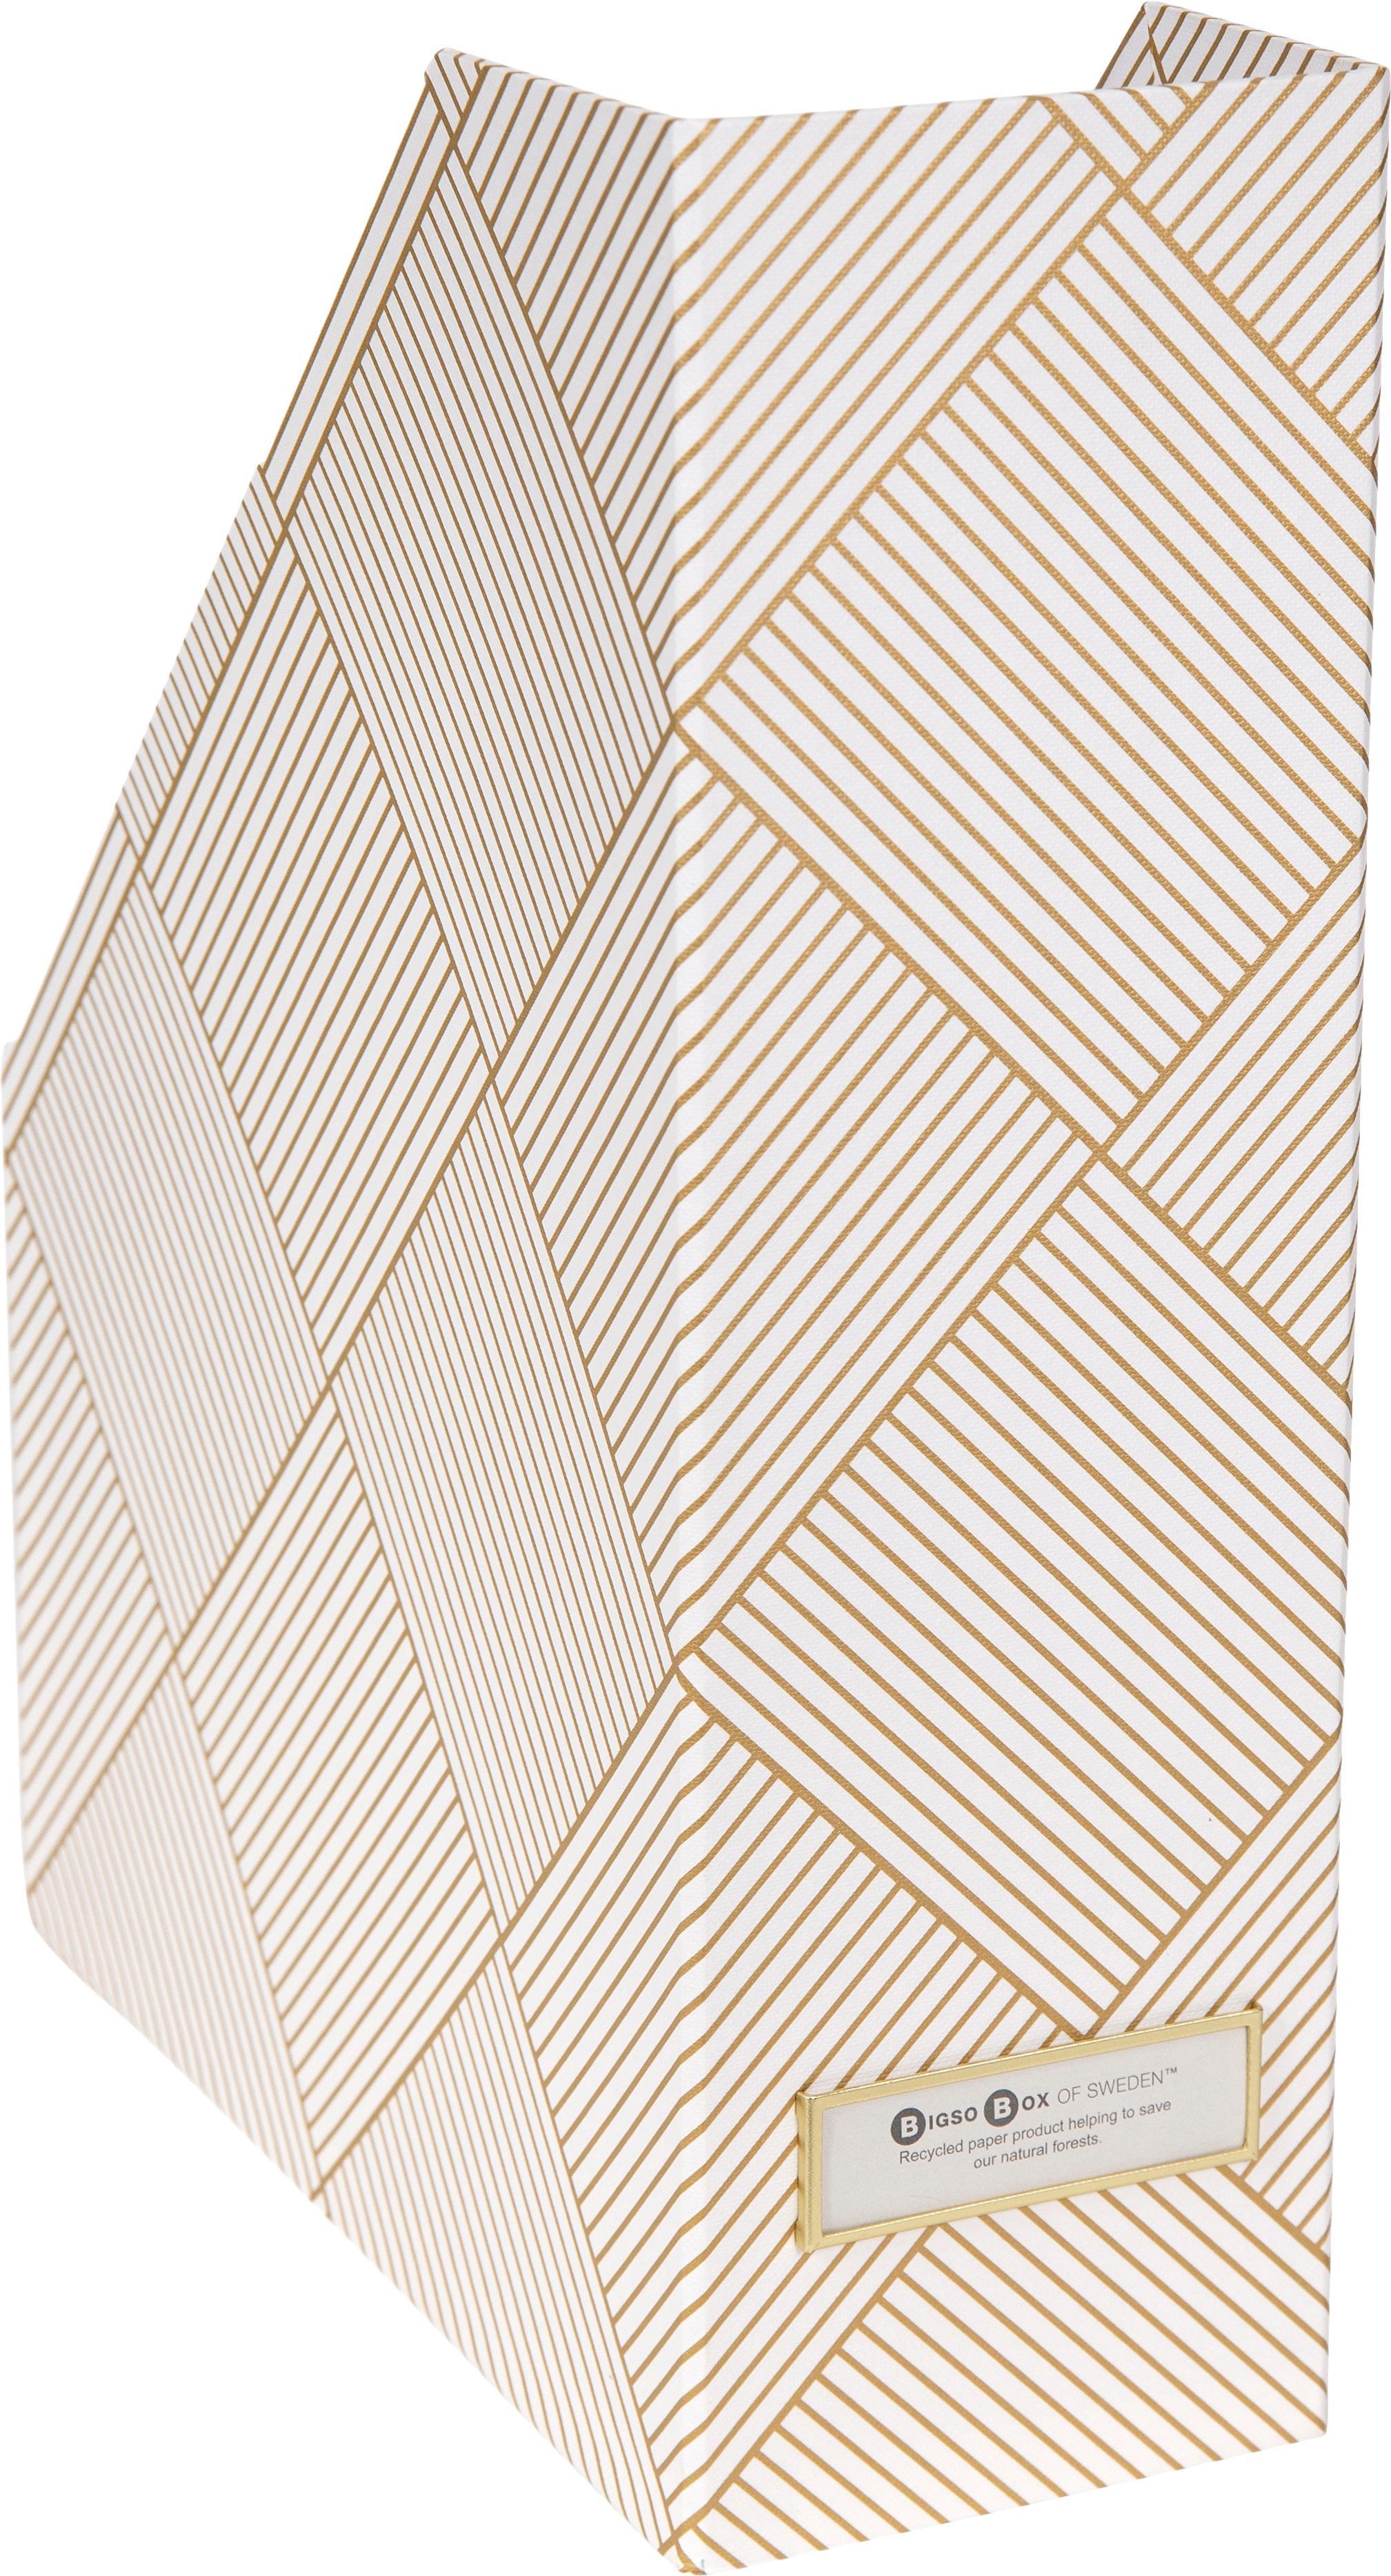 Stehsammler Viktoria, Organizer: Fester, laminierter Karto, Goldfarben, Weiß, 10 x 32 cm